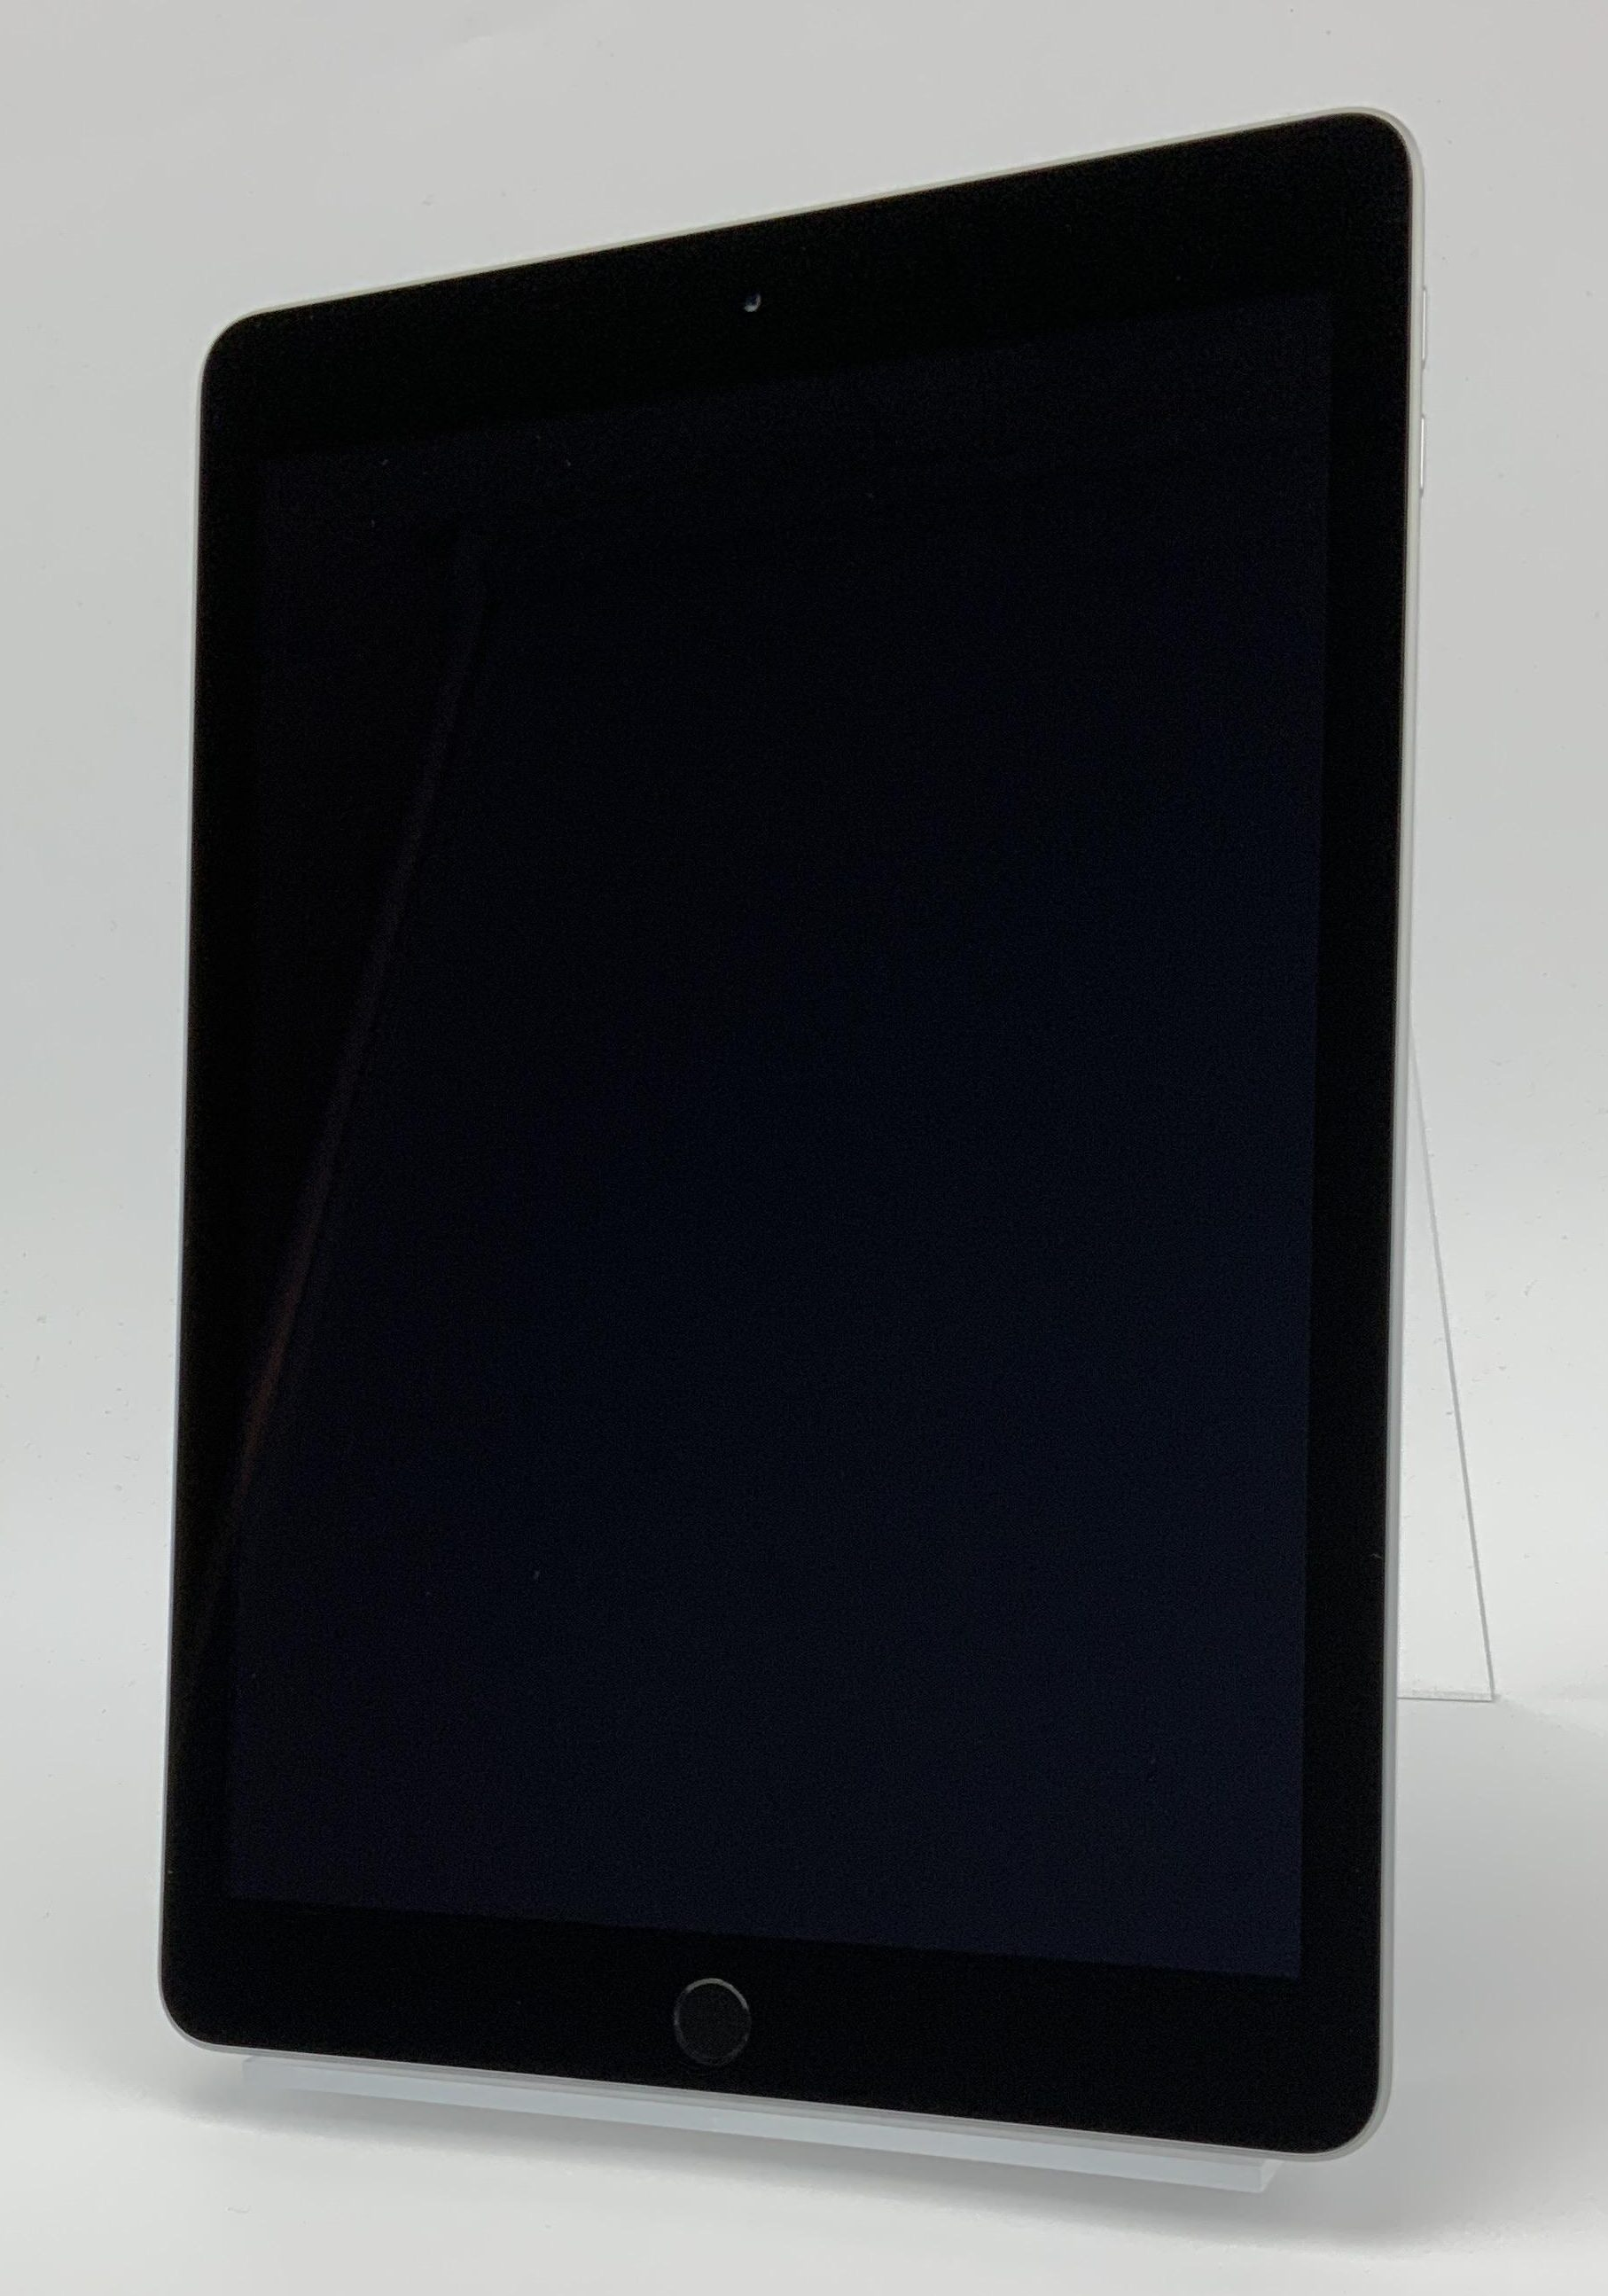 iPad 5 Wi-Fi 32GB, 32GB, Space Gray, imagen 1